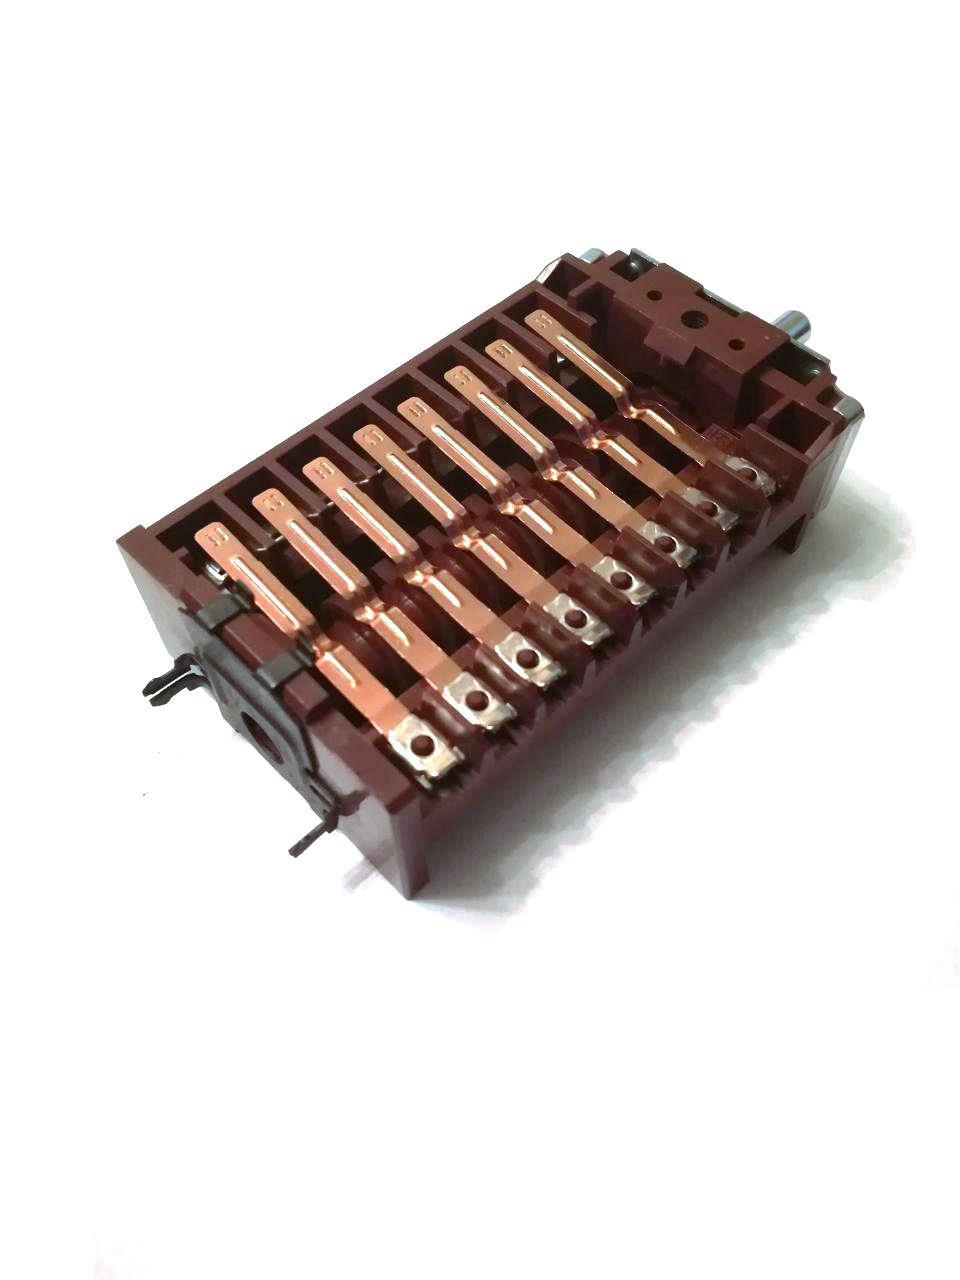 Переключатель 11-ти позиционный ПМ 42.00000.047 для электроплит и духовок / EGO / Германия